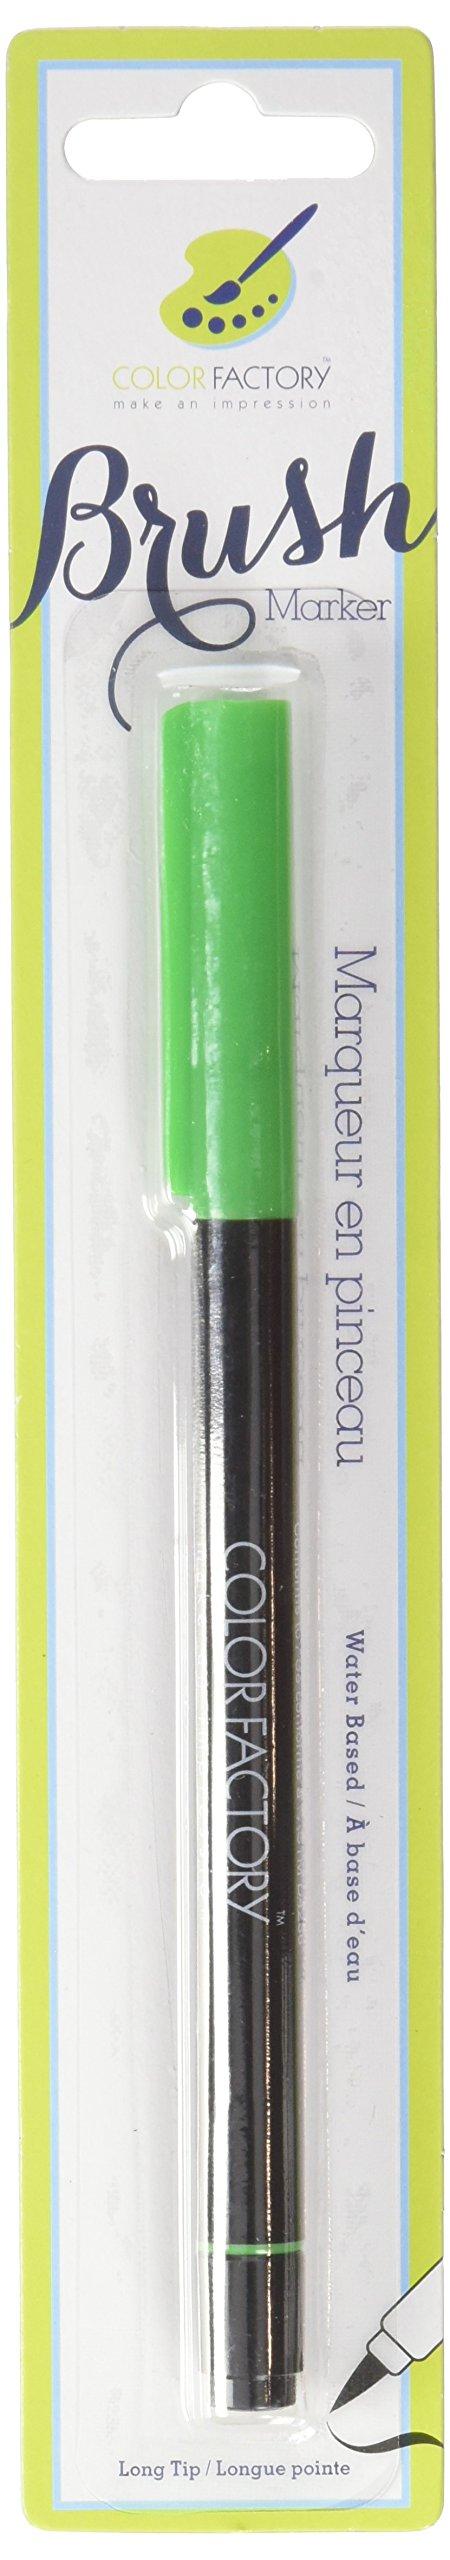 Multicraft Imports colore Factory-Pennarelli con punta a pennello, colore: verde, altri, multicolore